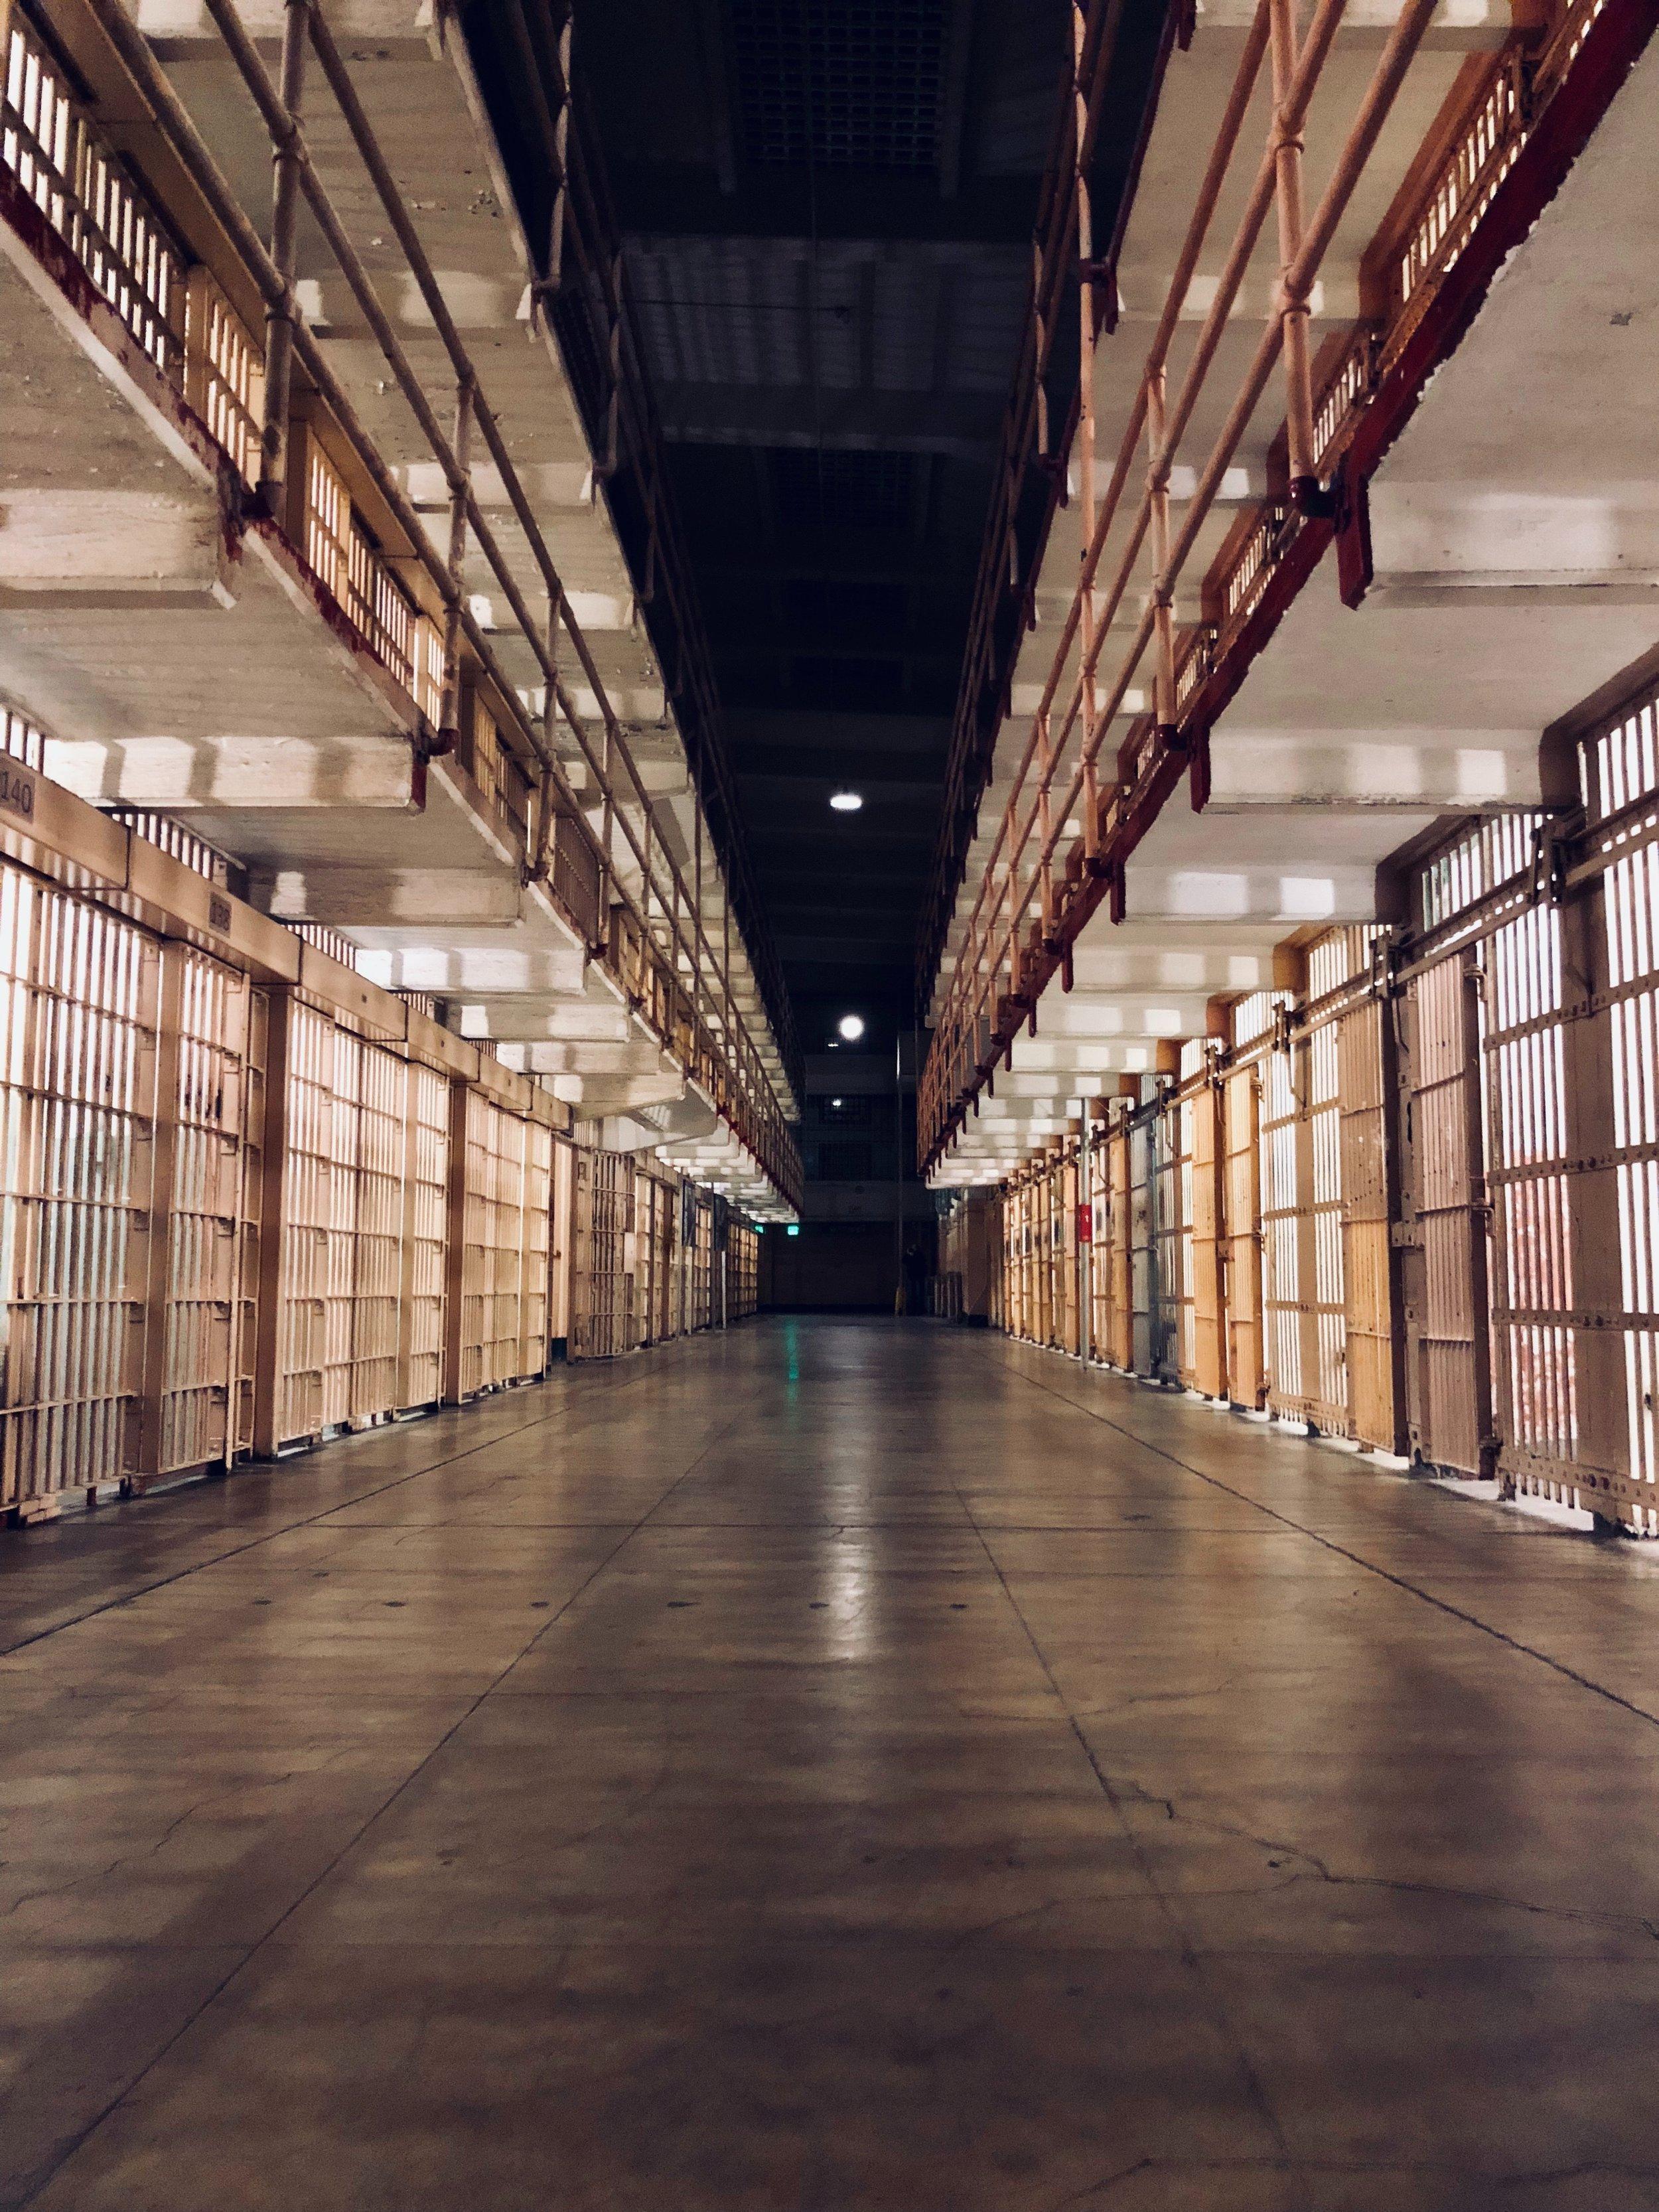 prisoncells.jpg